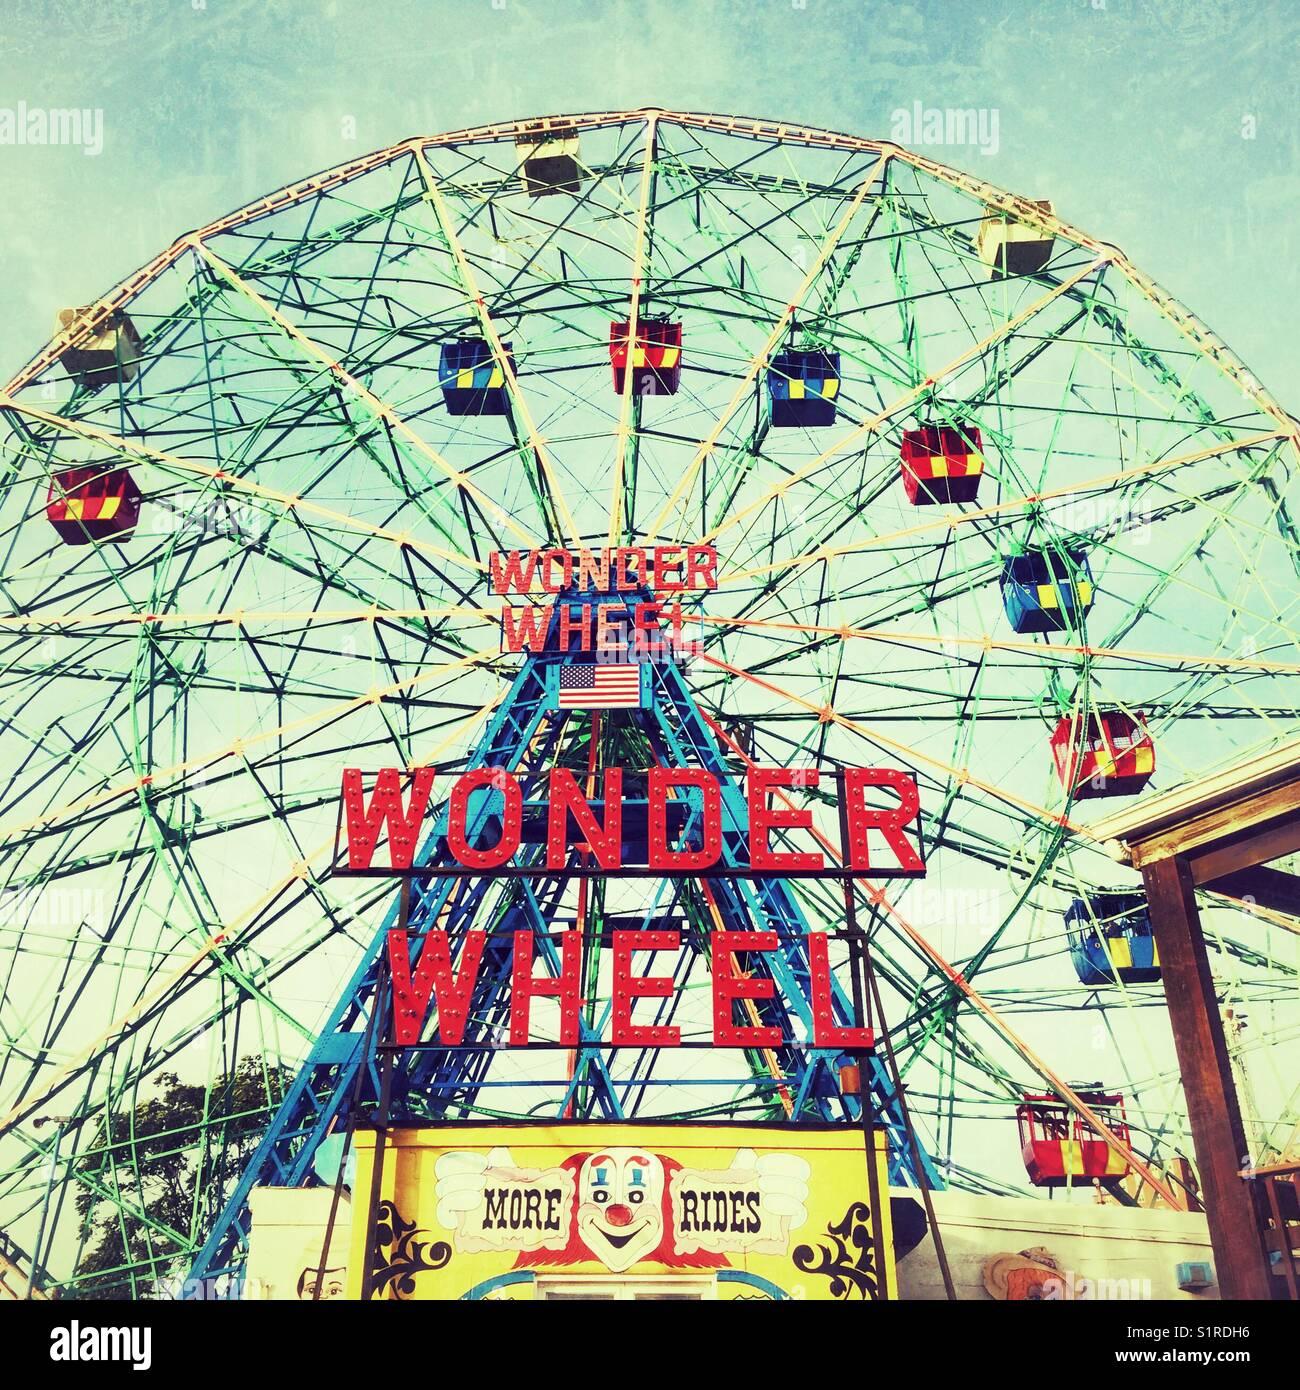 Deno's Wonder Wheel, Coney Island, Brooklyn, Nueva York, Estados Unidos de América. Imagen De Stock